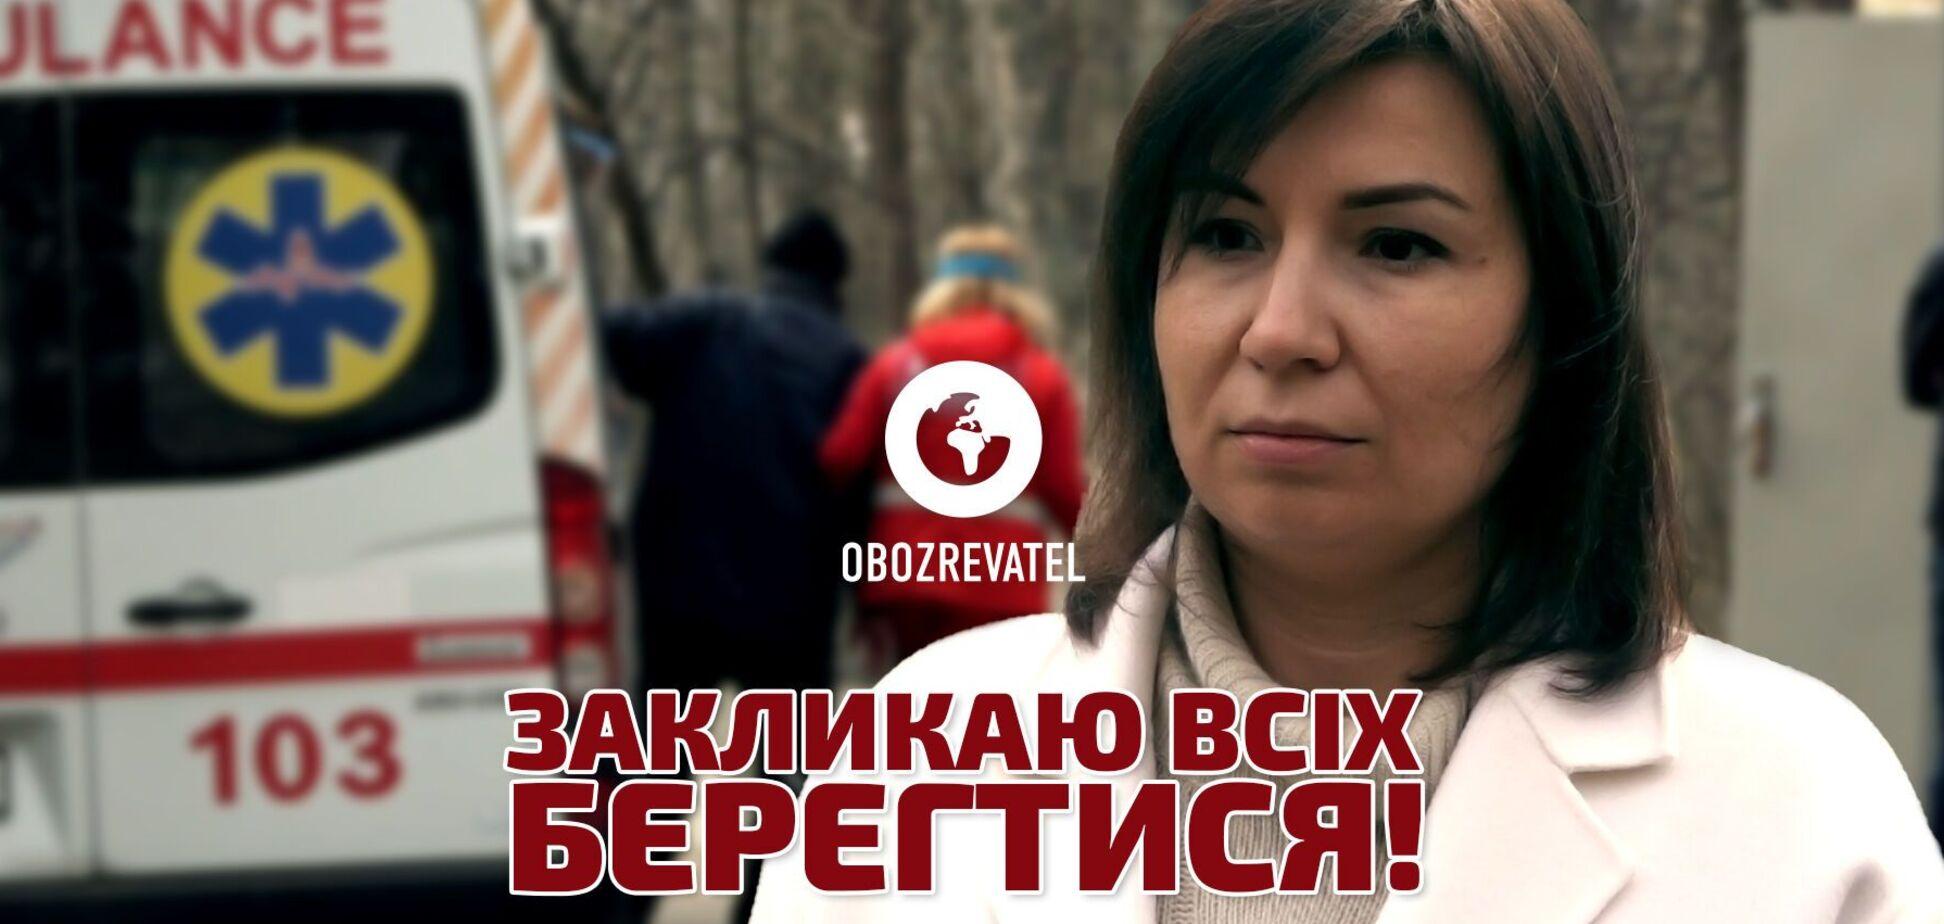 Тетяна Мостепан: Торік у реанімаціях не було стільки хворих до 30-40 років